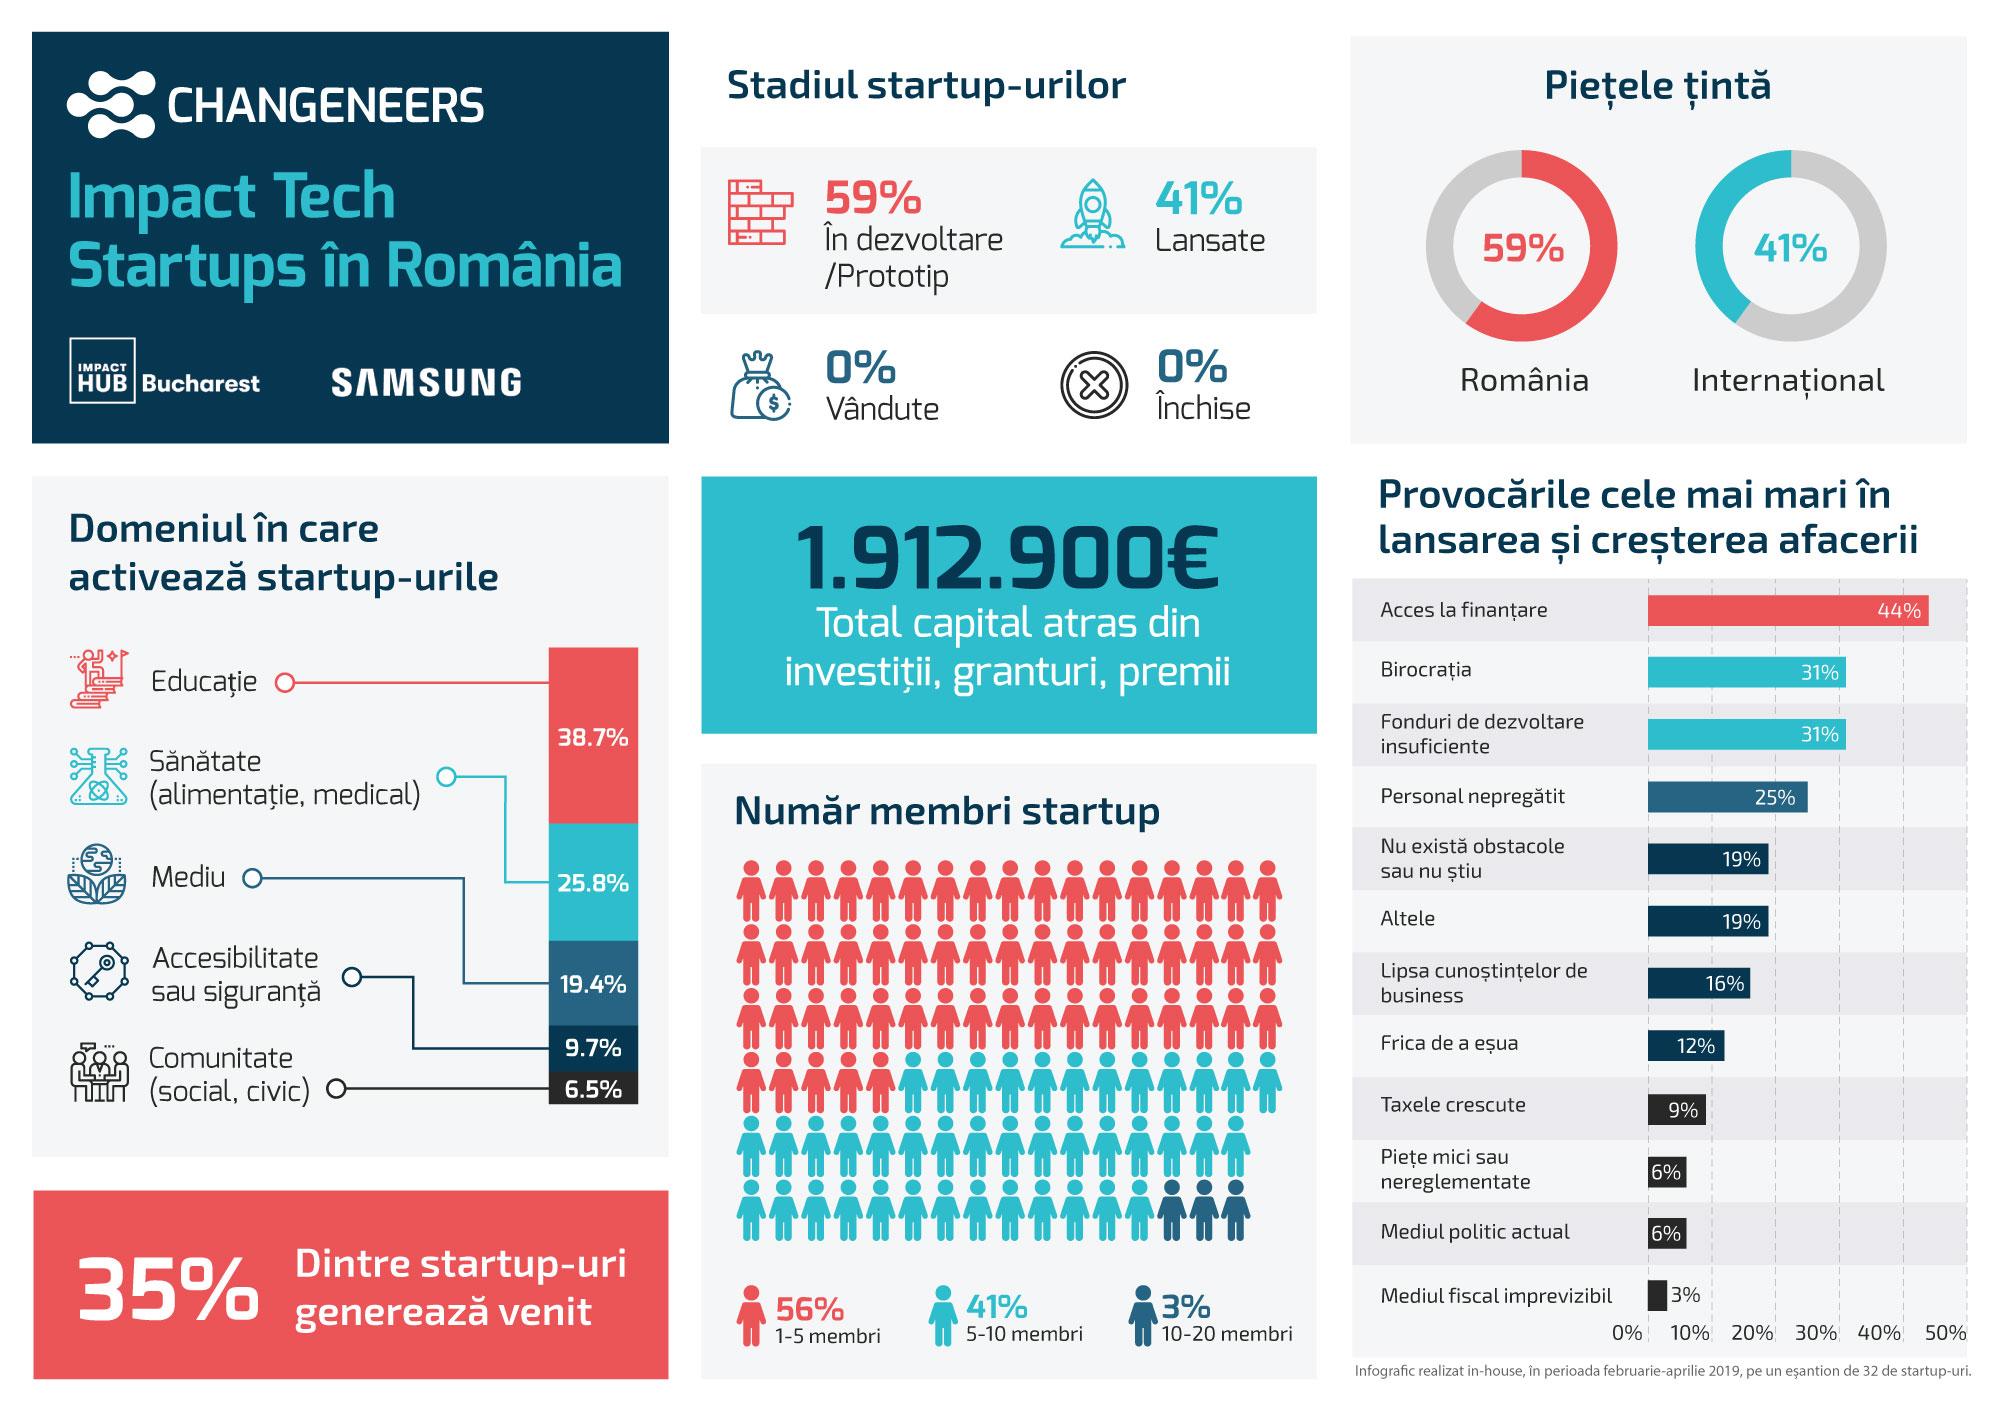 Infographic_Changeneers